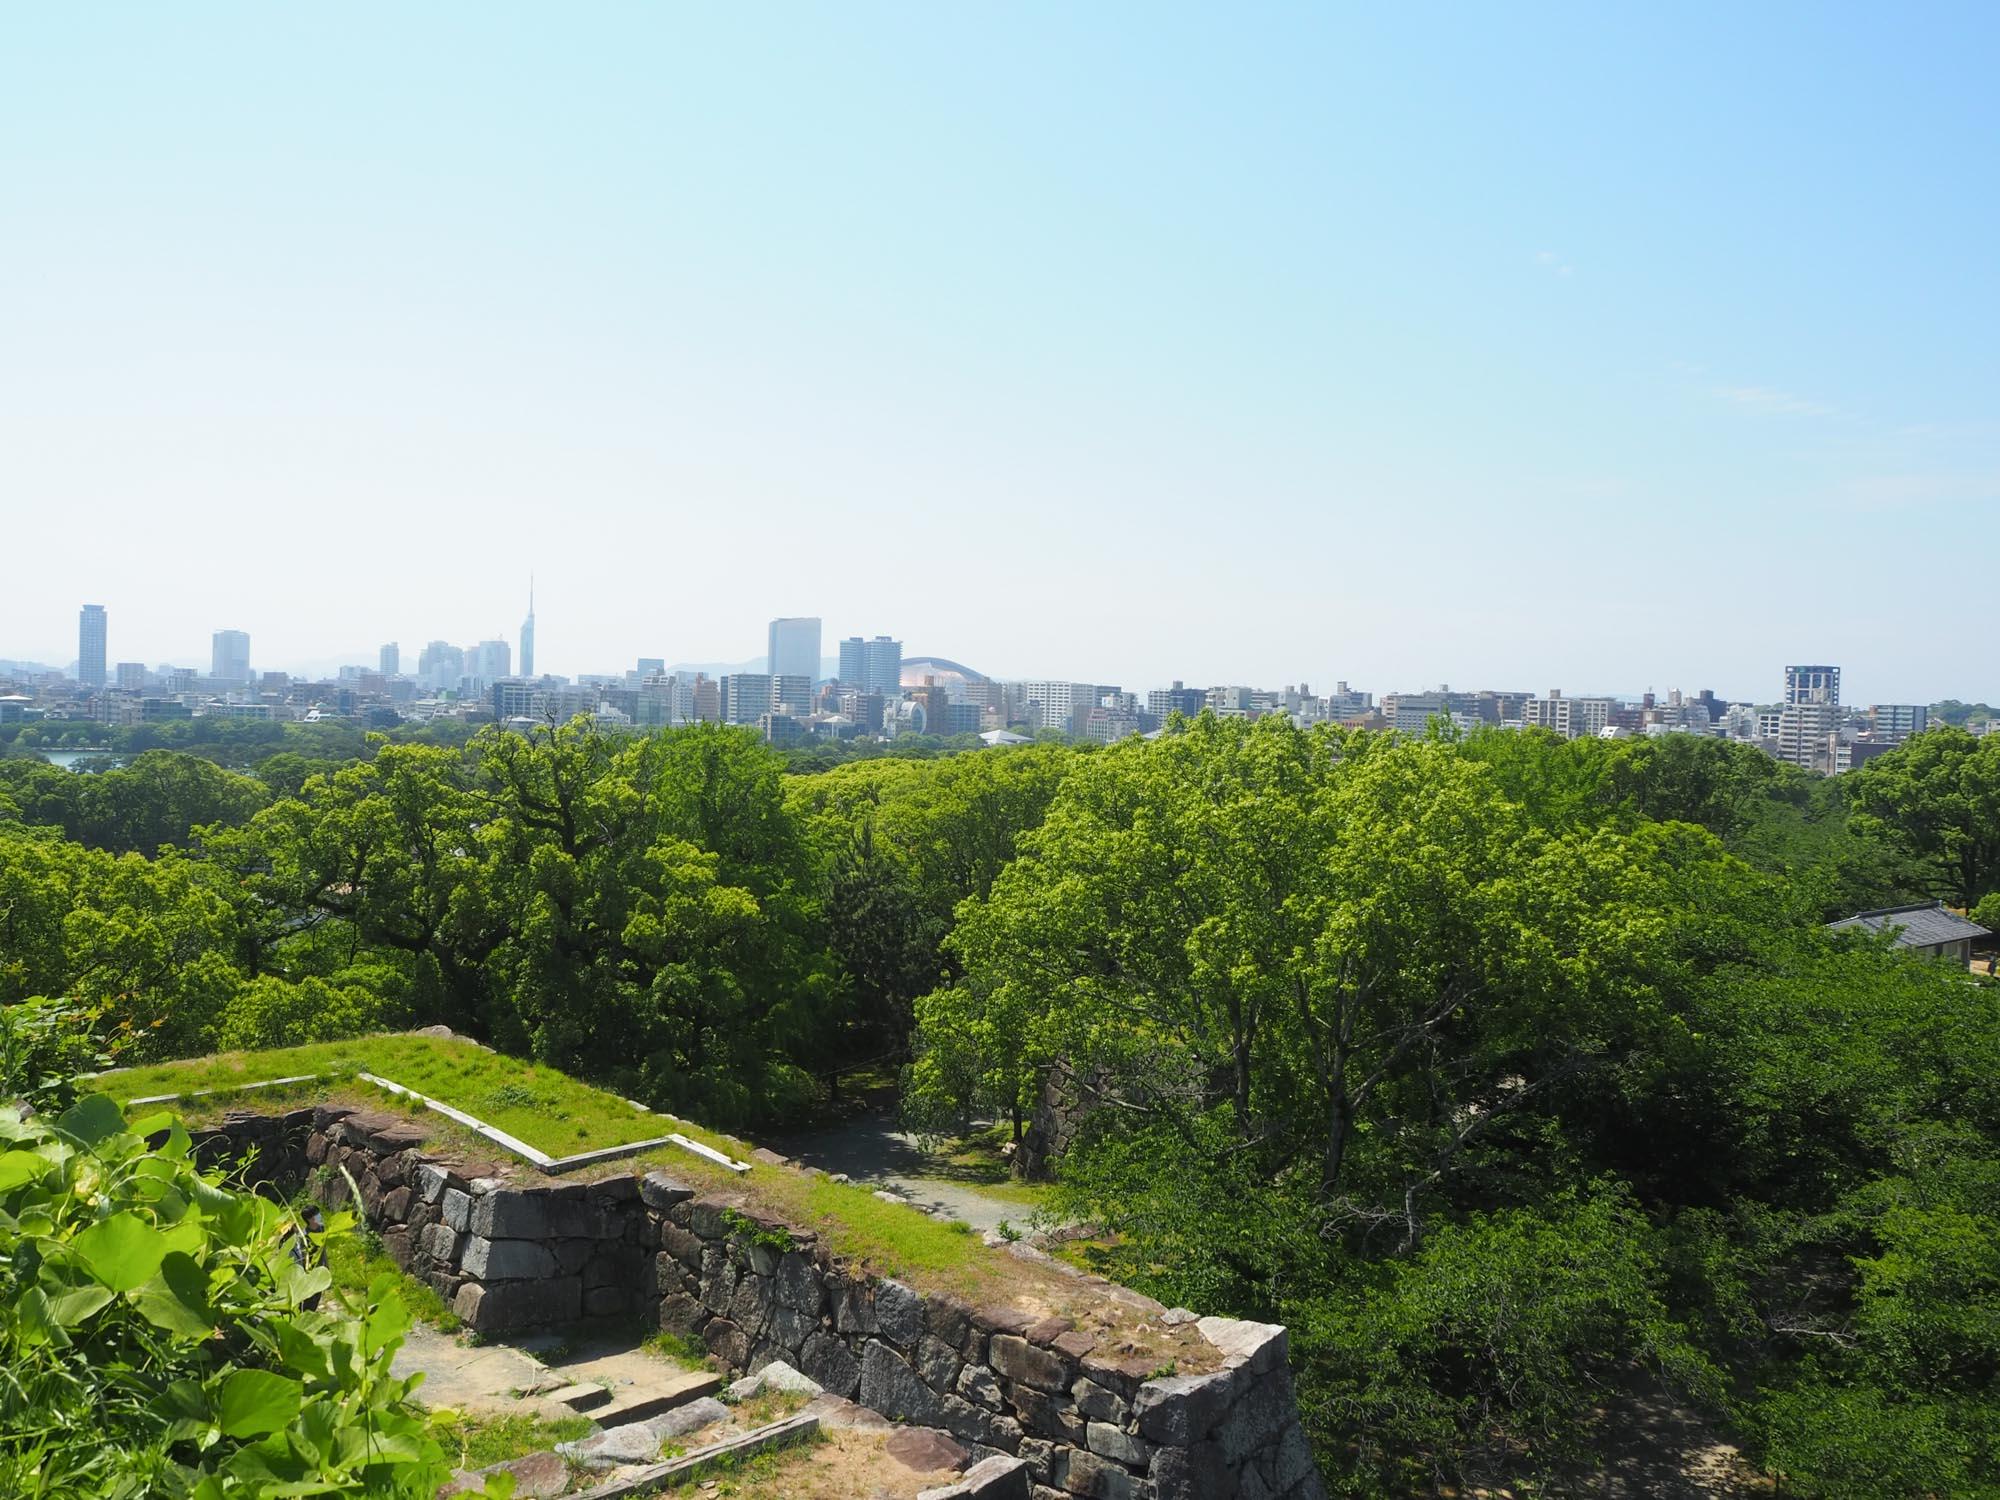 天守台跡からの景色。正面に福岡PayPayドームと福岡タワーが見えます。 緑に囲まれて、ほっと一息。